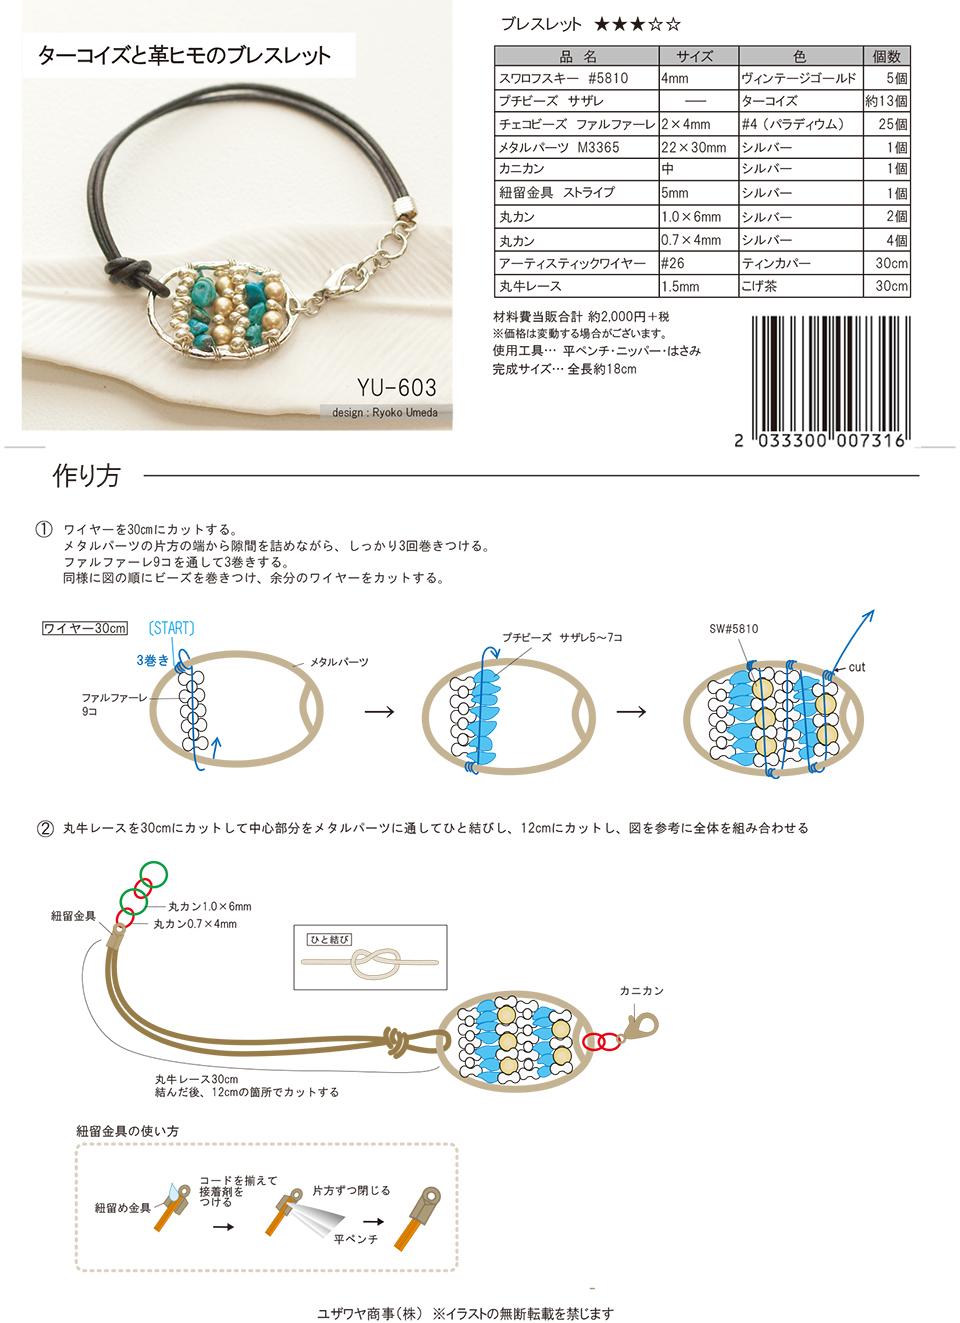 YU-603ターコイズと革ヒモのブレスレット_1.jpg